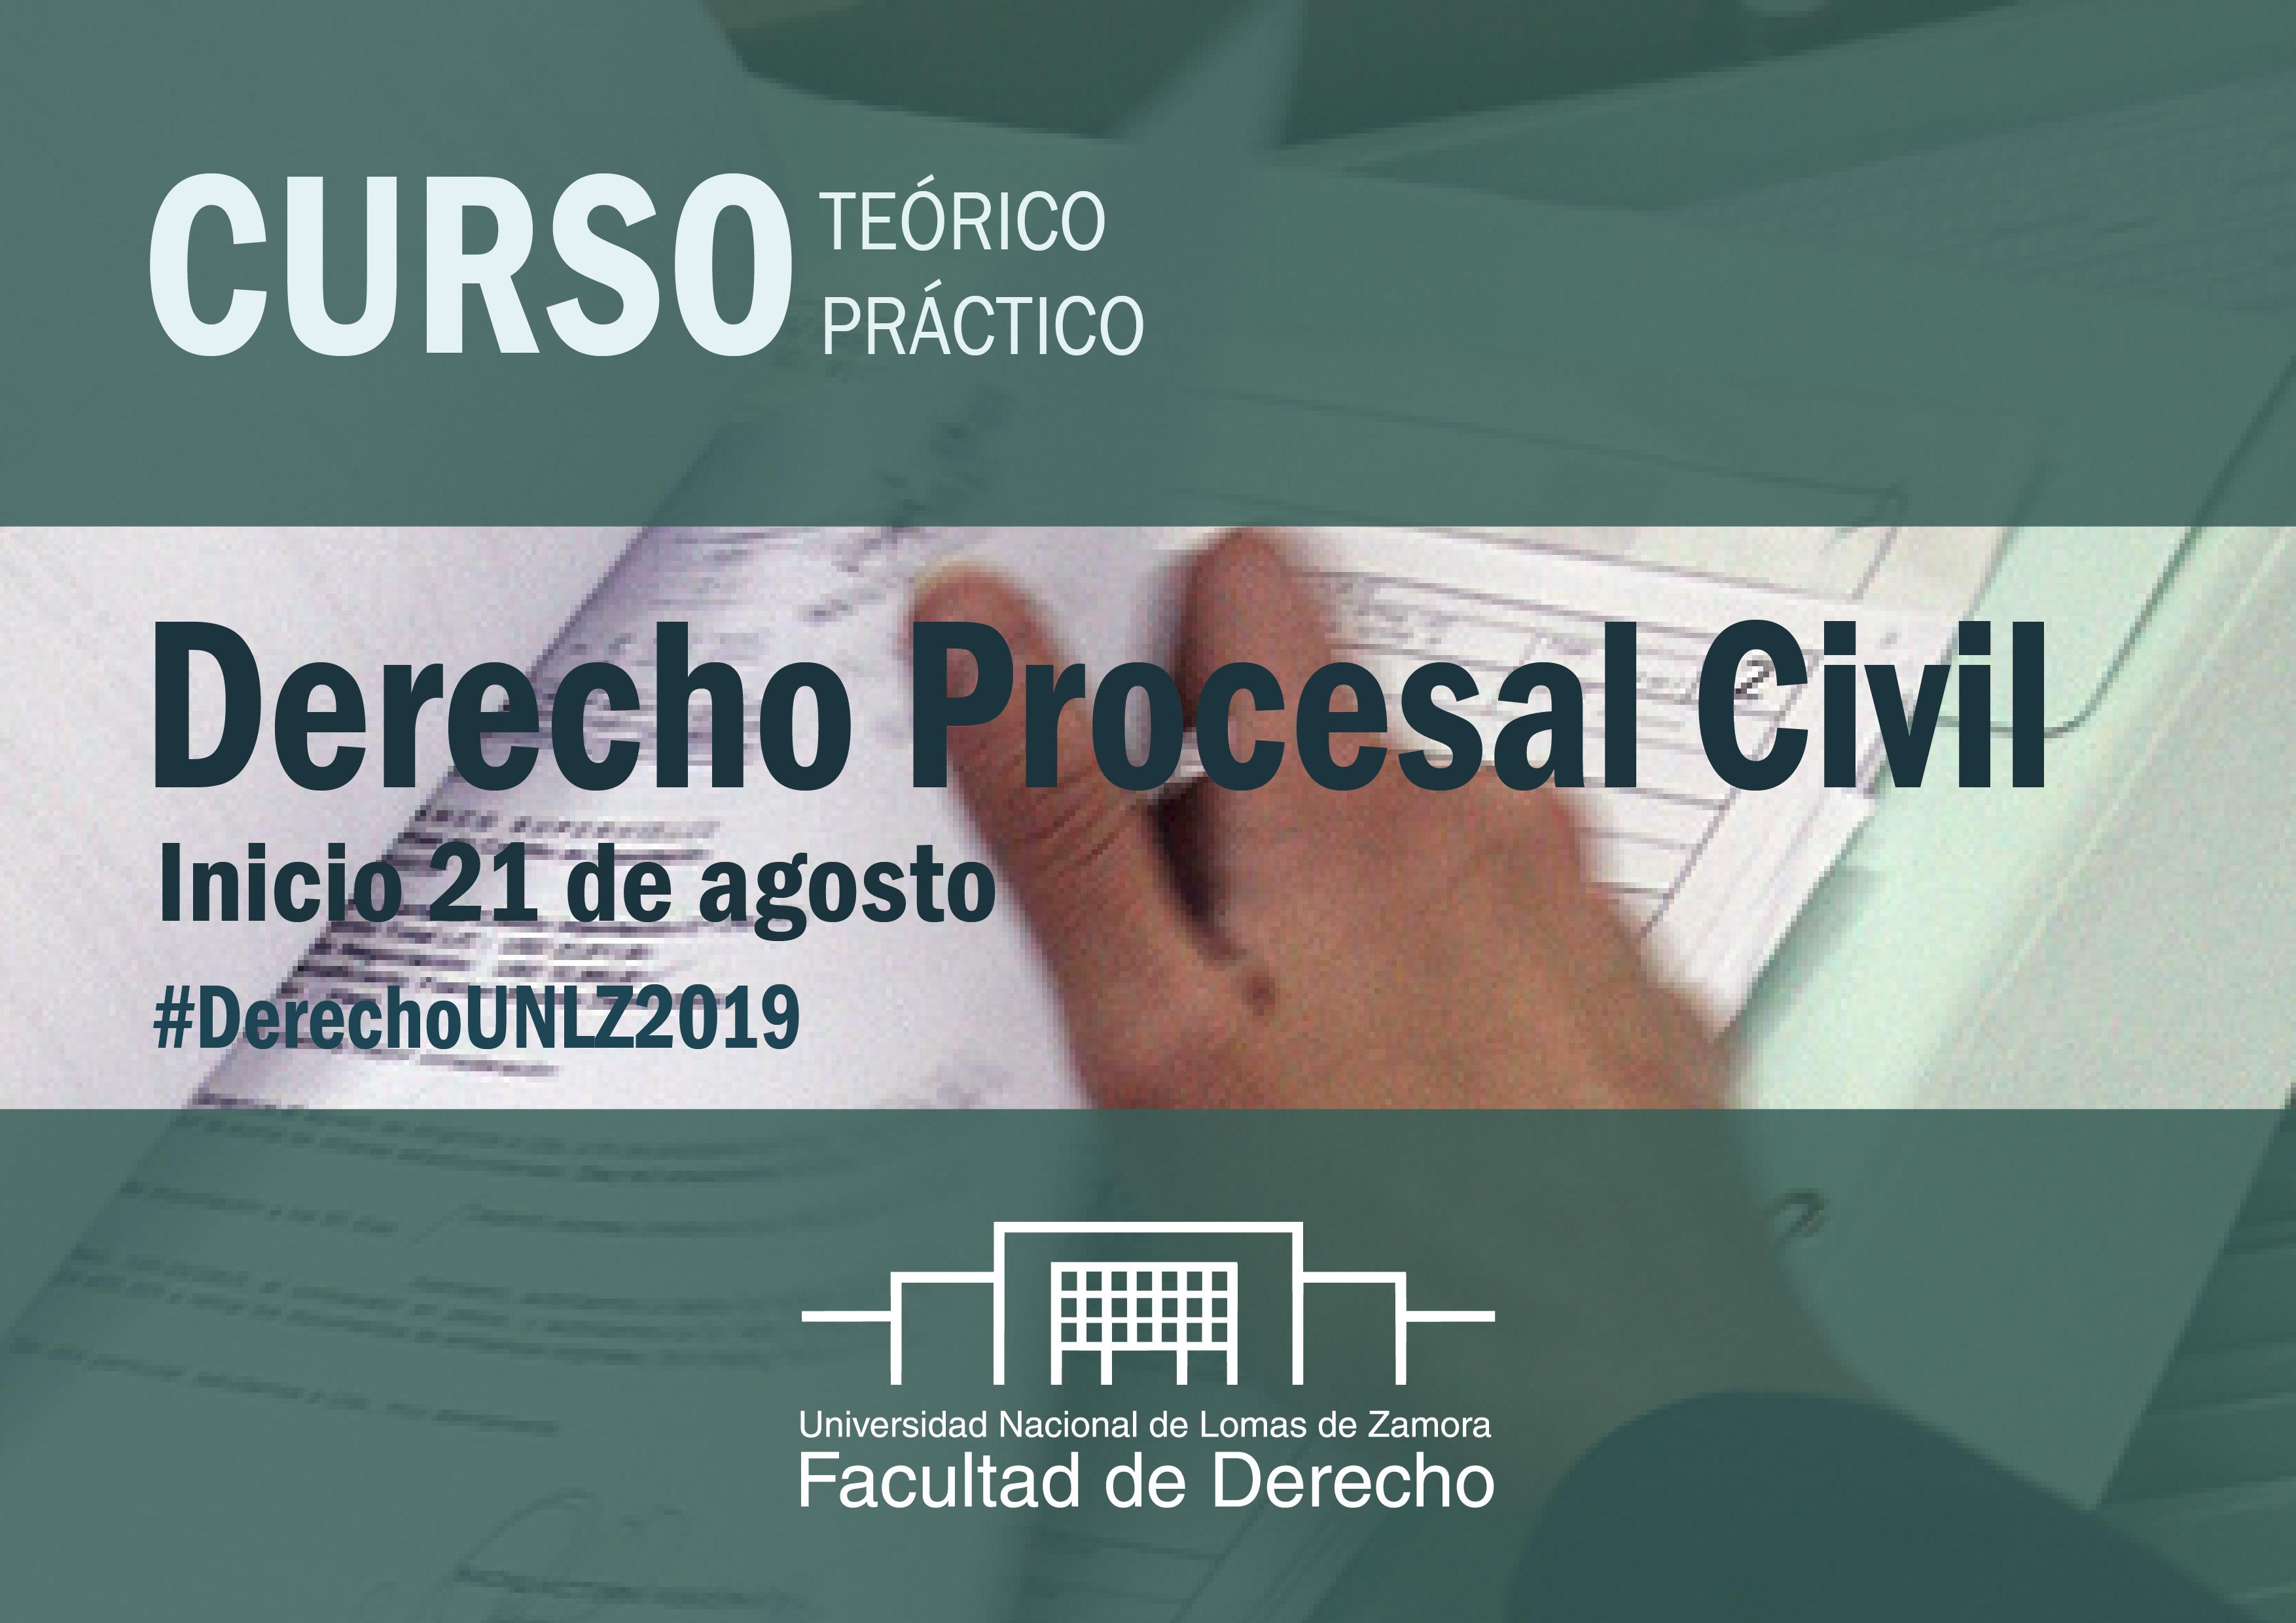 Curso en Derecho Procesal Civil